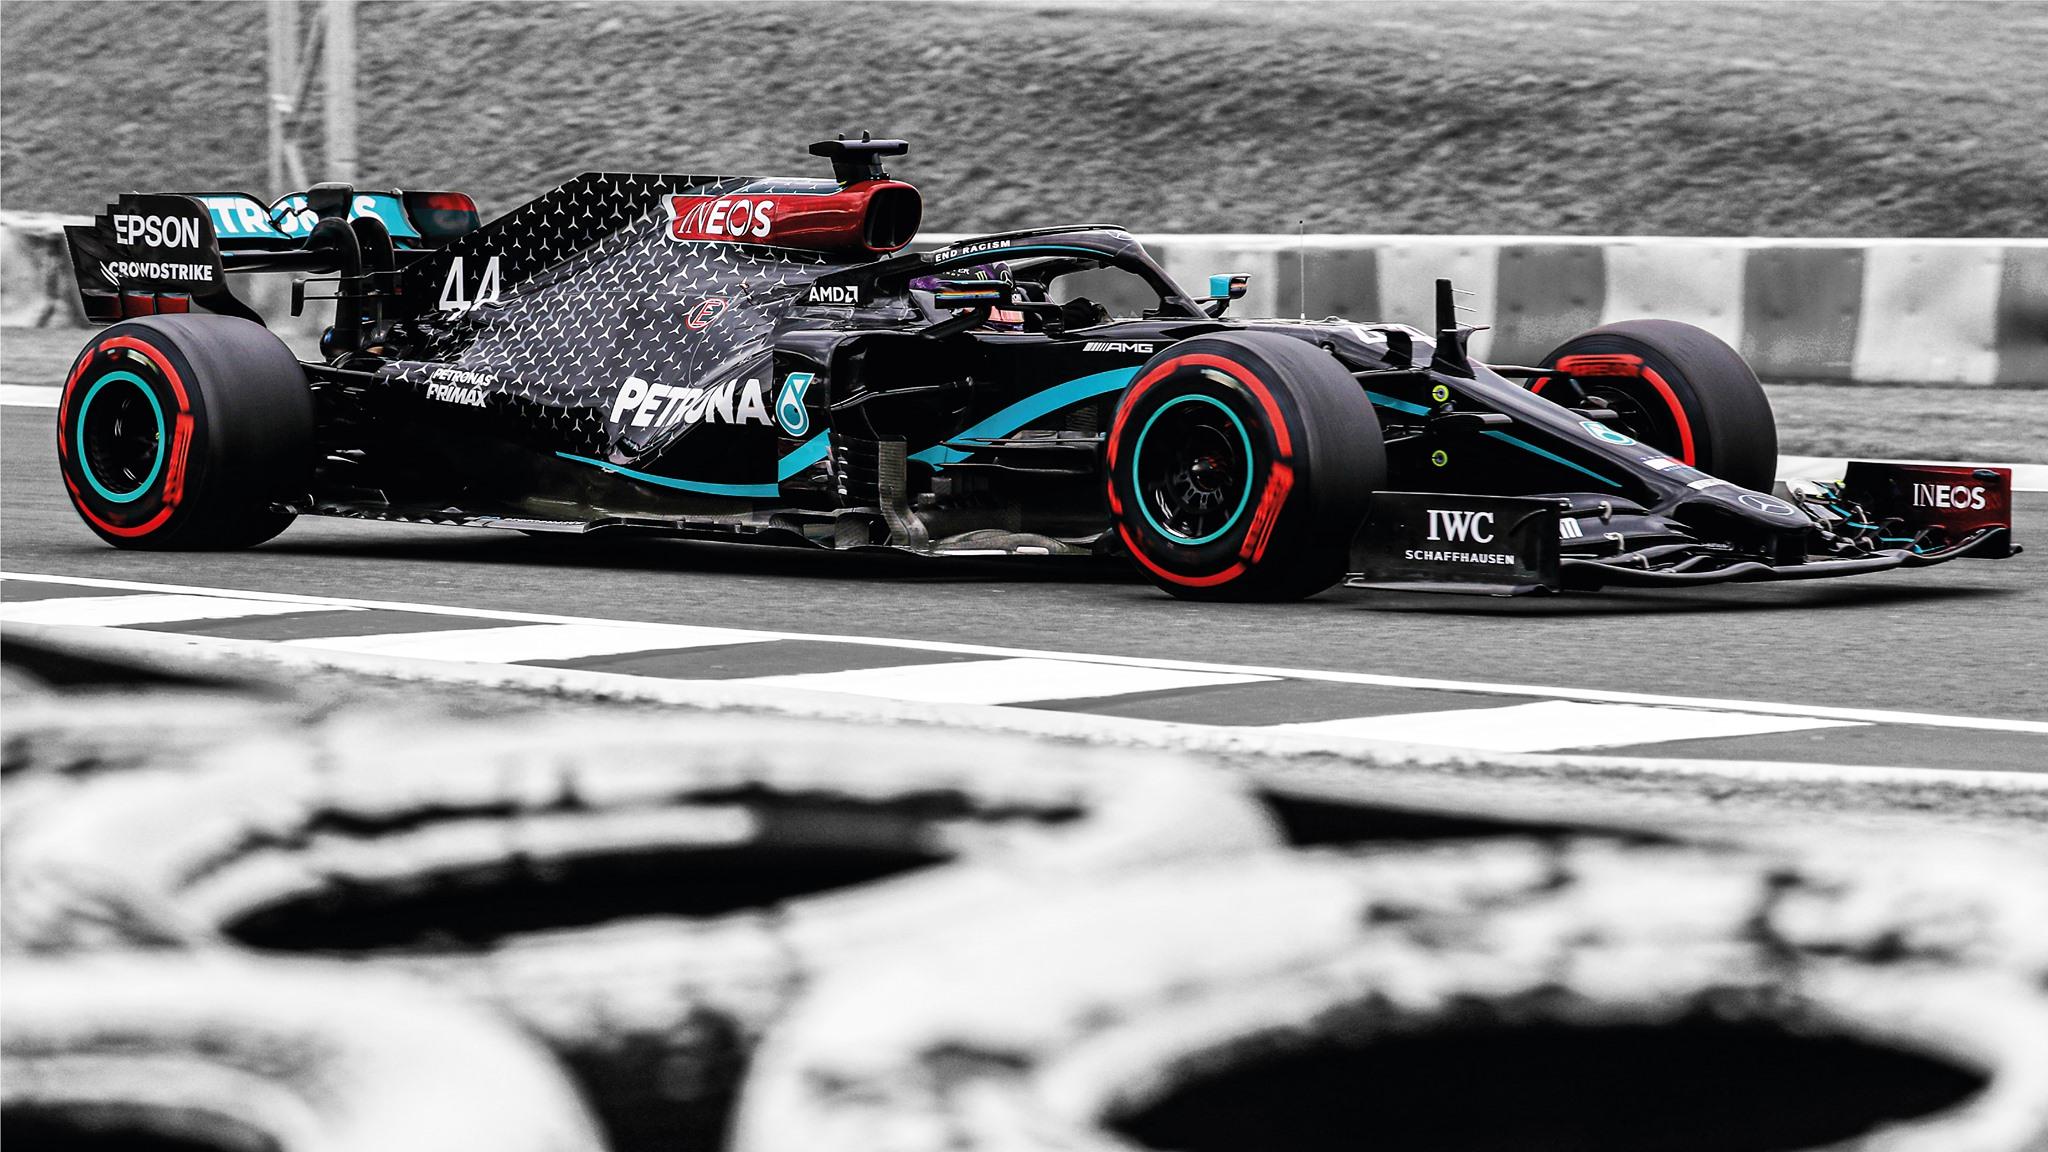 Mercedes continuará desarrollando el sistema DAS